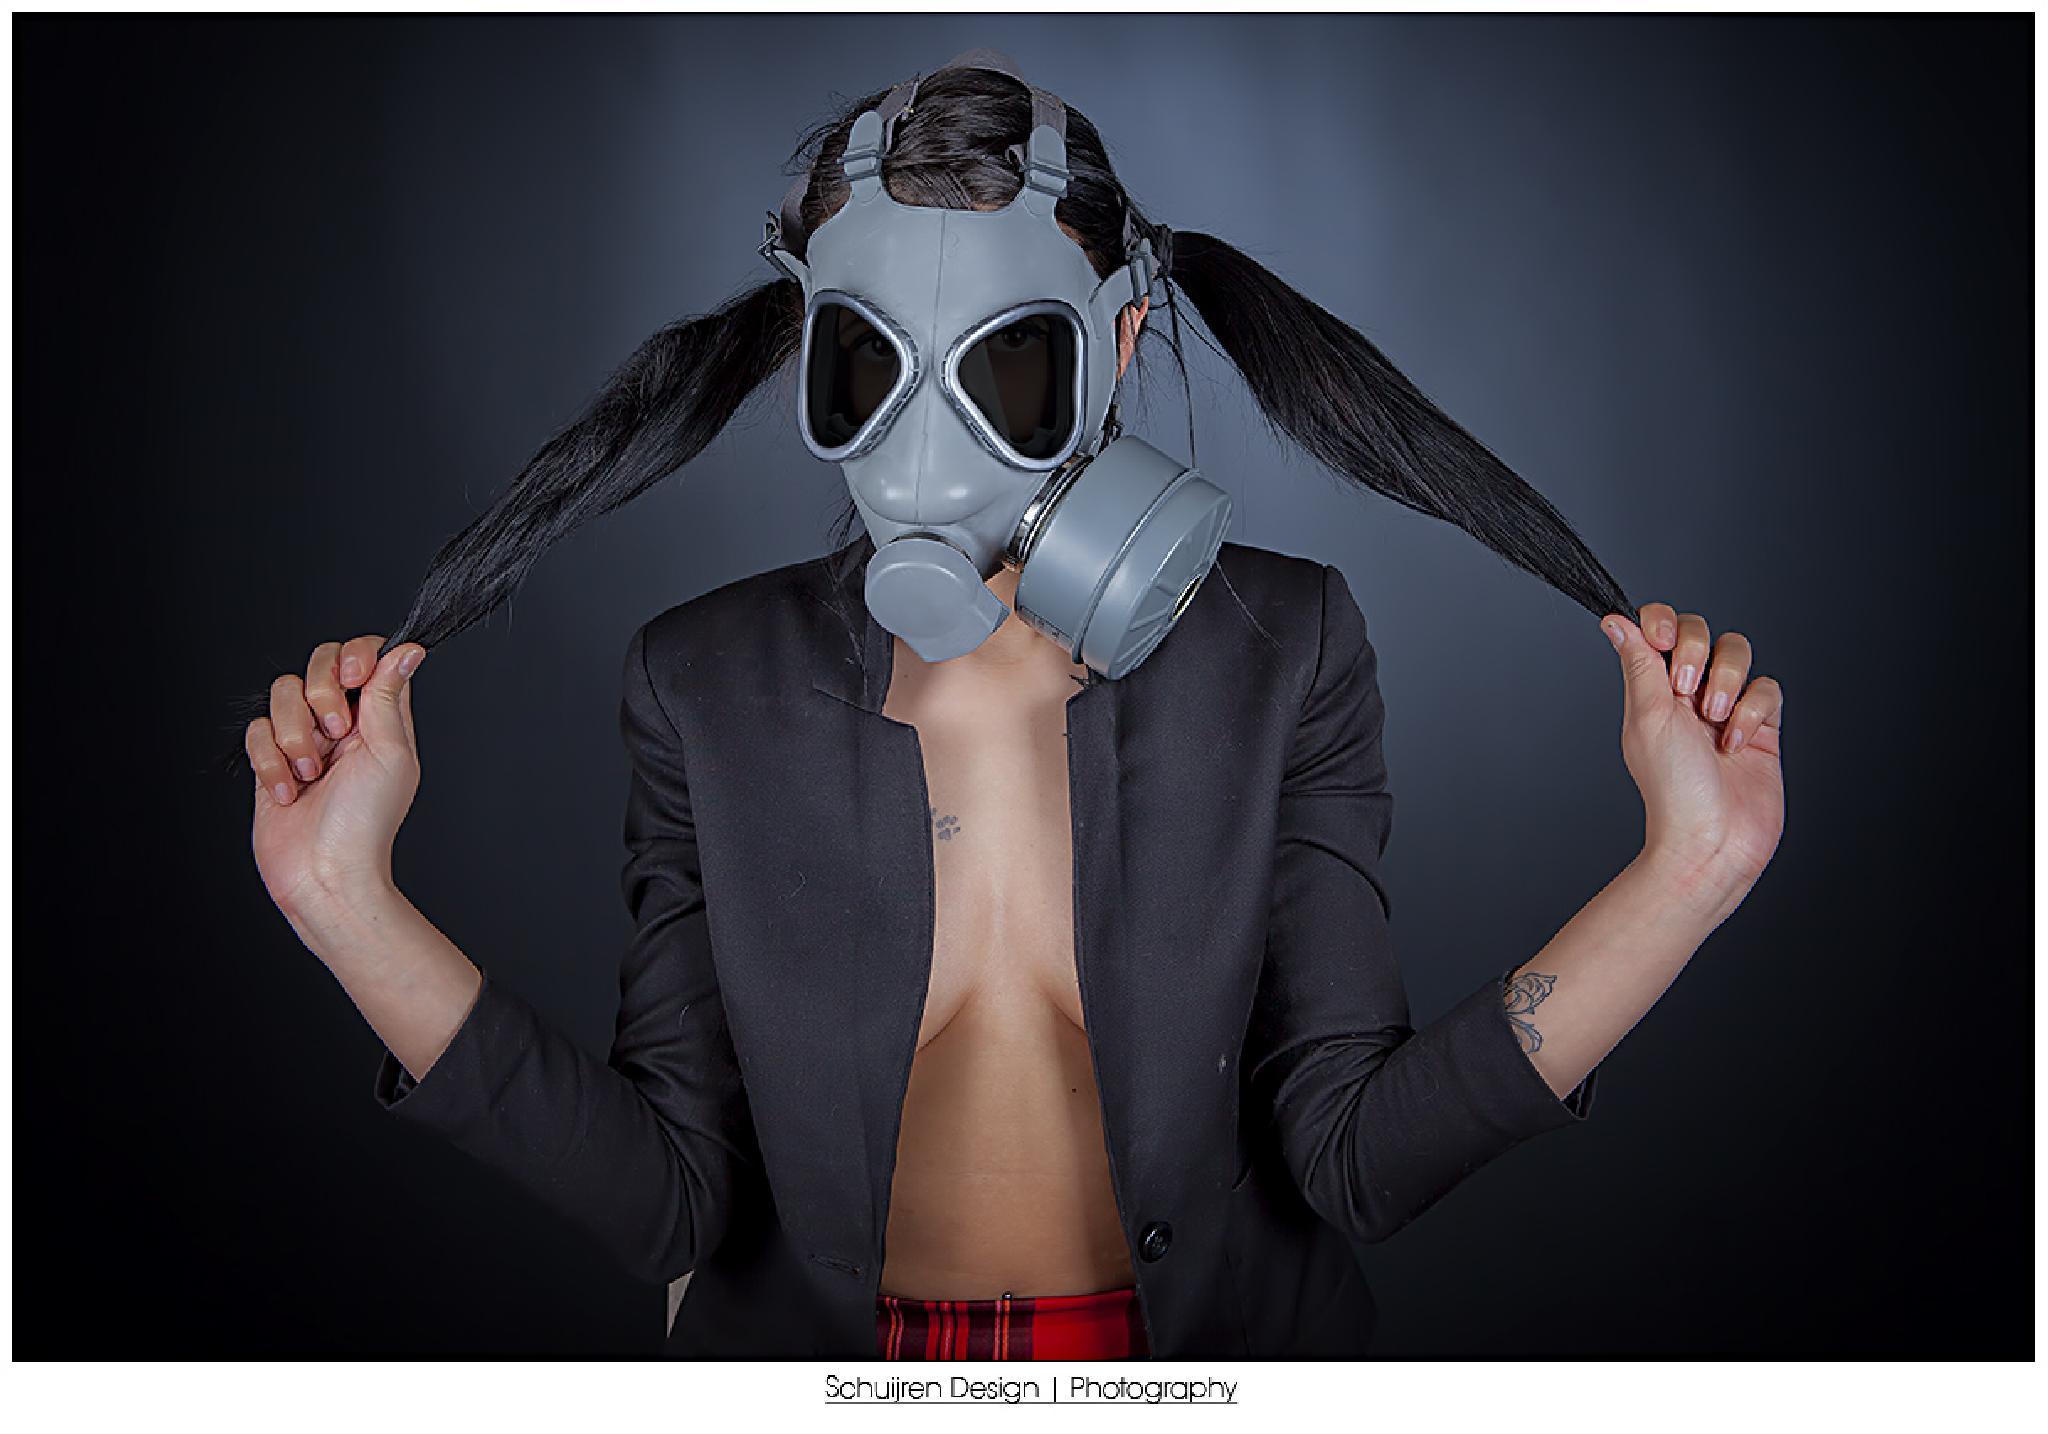 gasmastk shoot by Schuijren Design